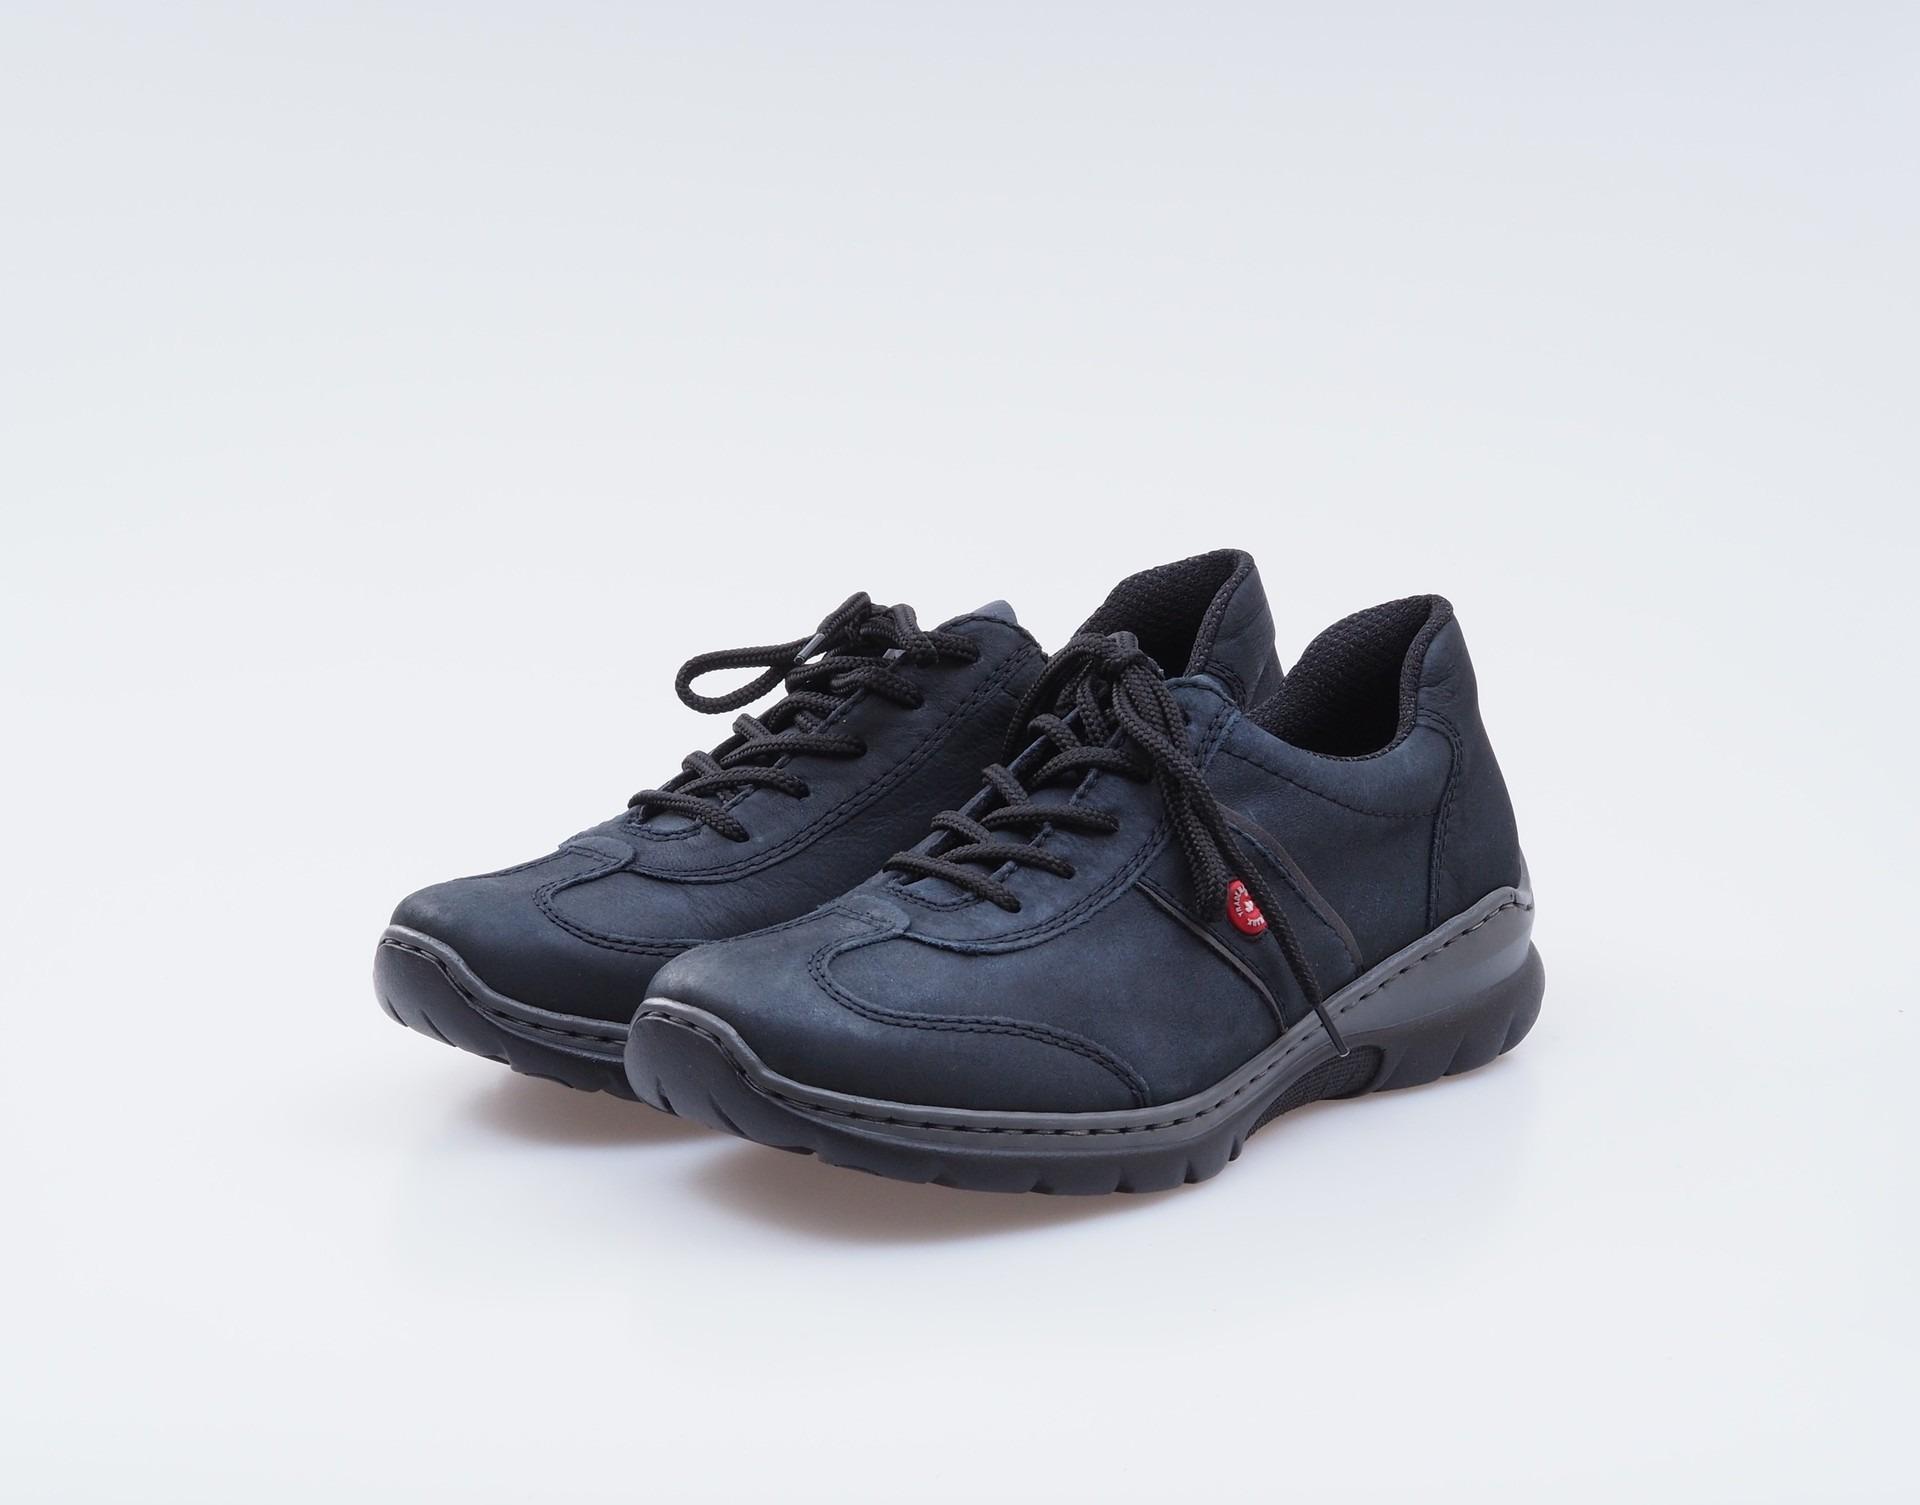 Soňa - Dámska obuv - Tenisky - Šedé kožené športové topánky Rieker 08eca394ed6